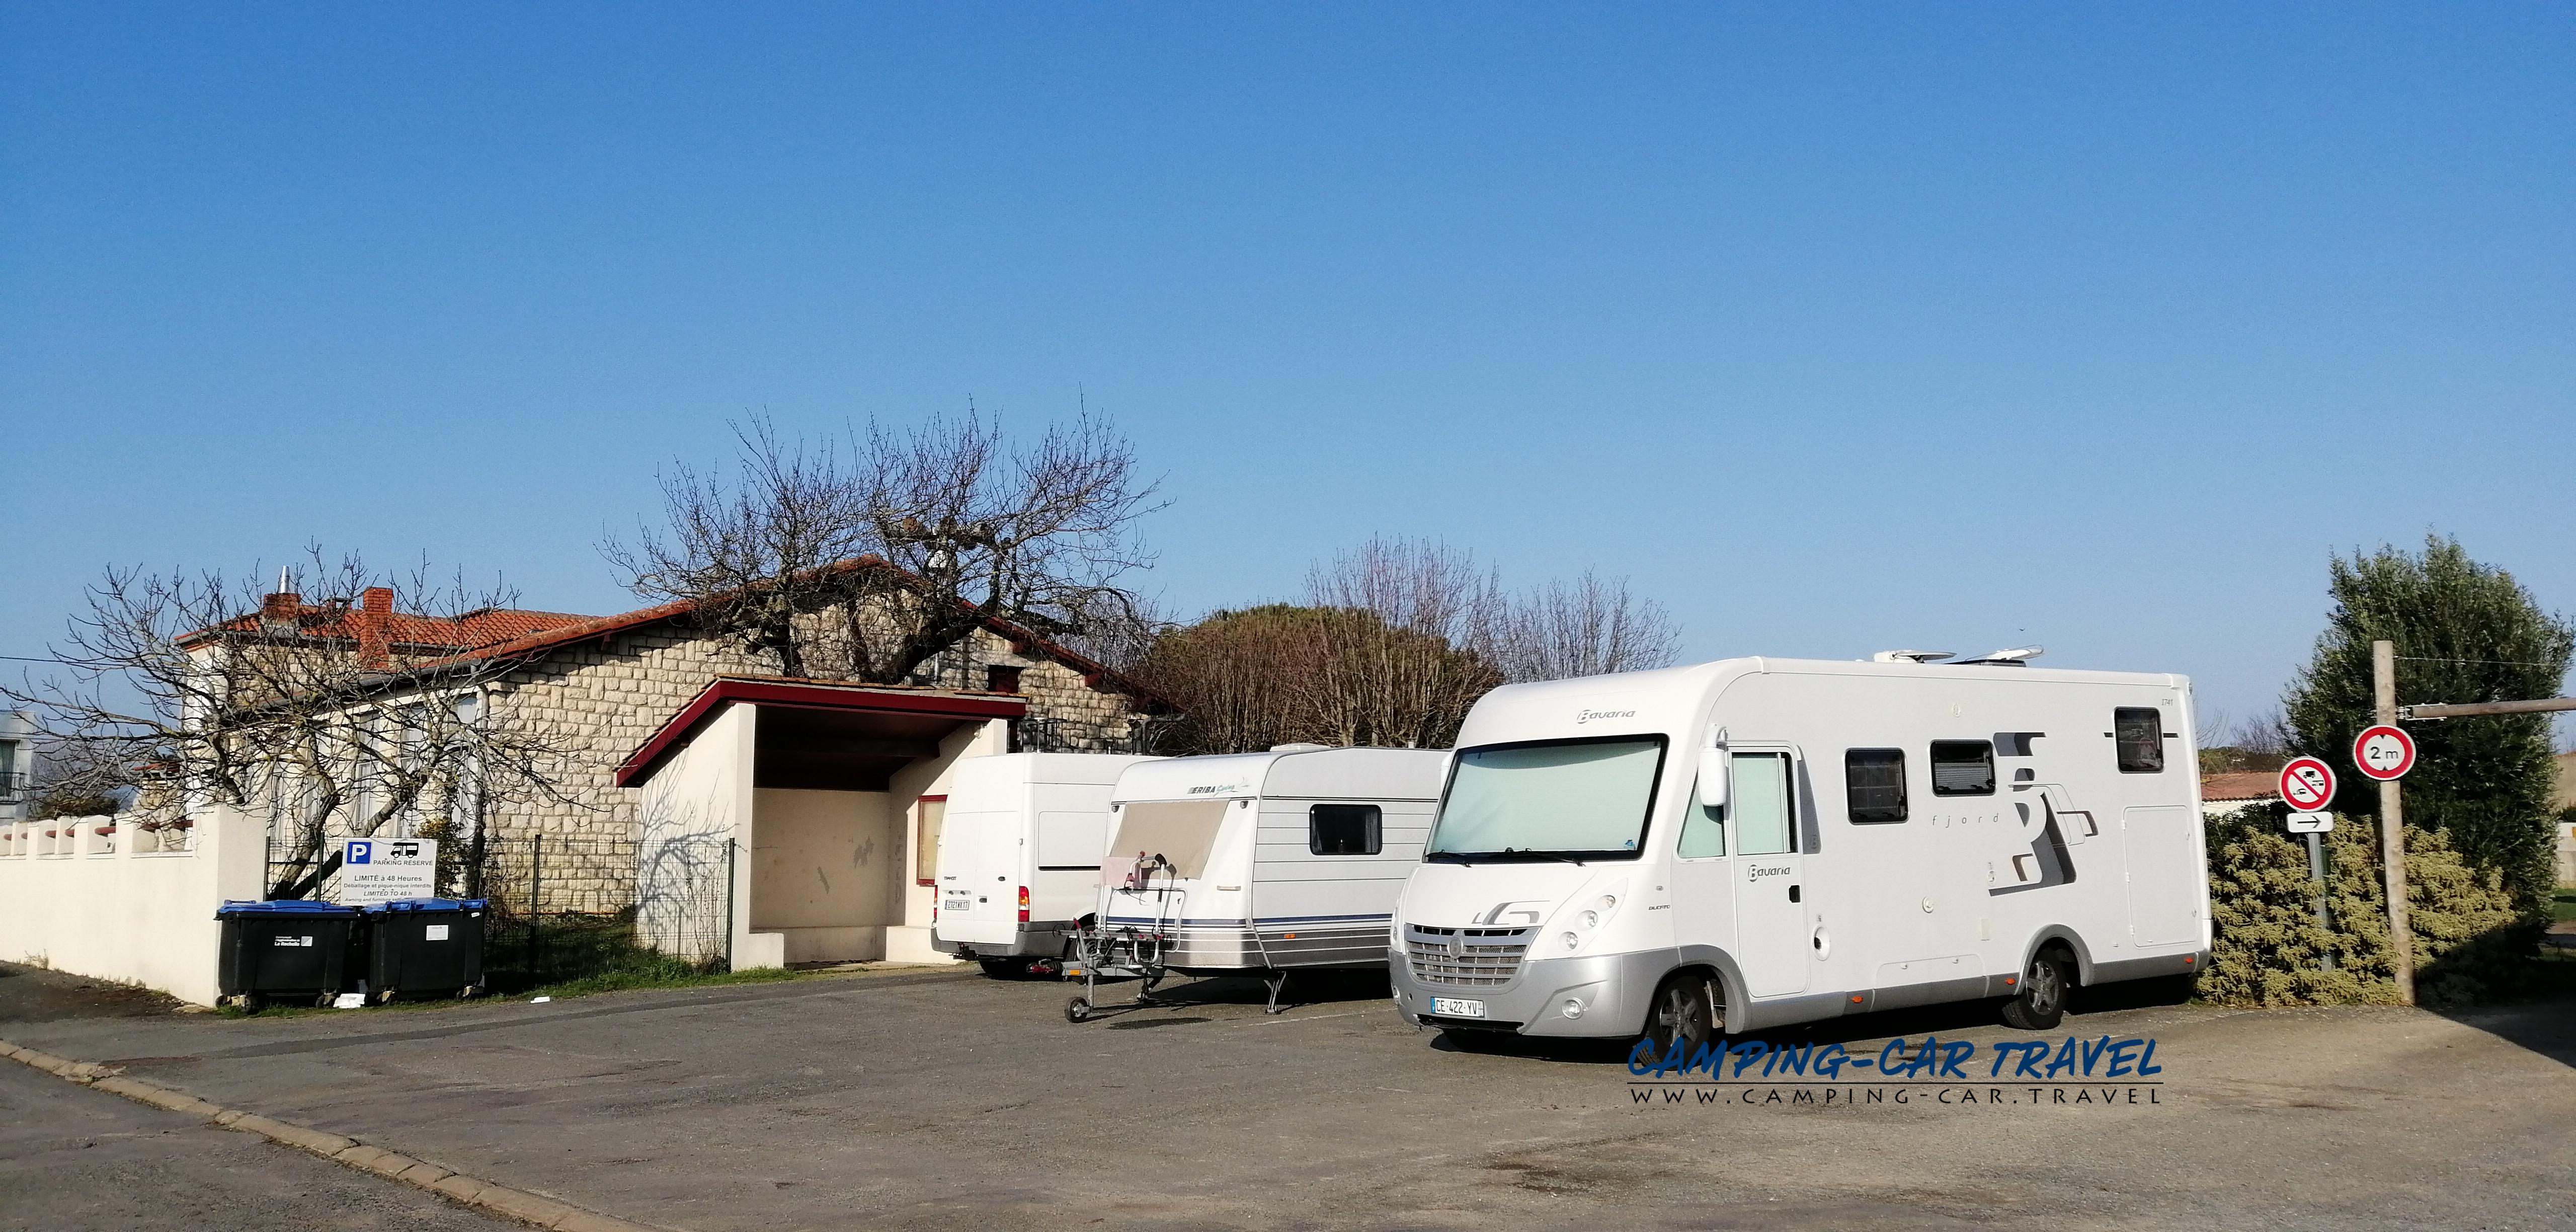 aire services camping car Châtelaillon-Plage en Charente-Maritime